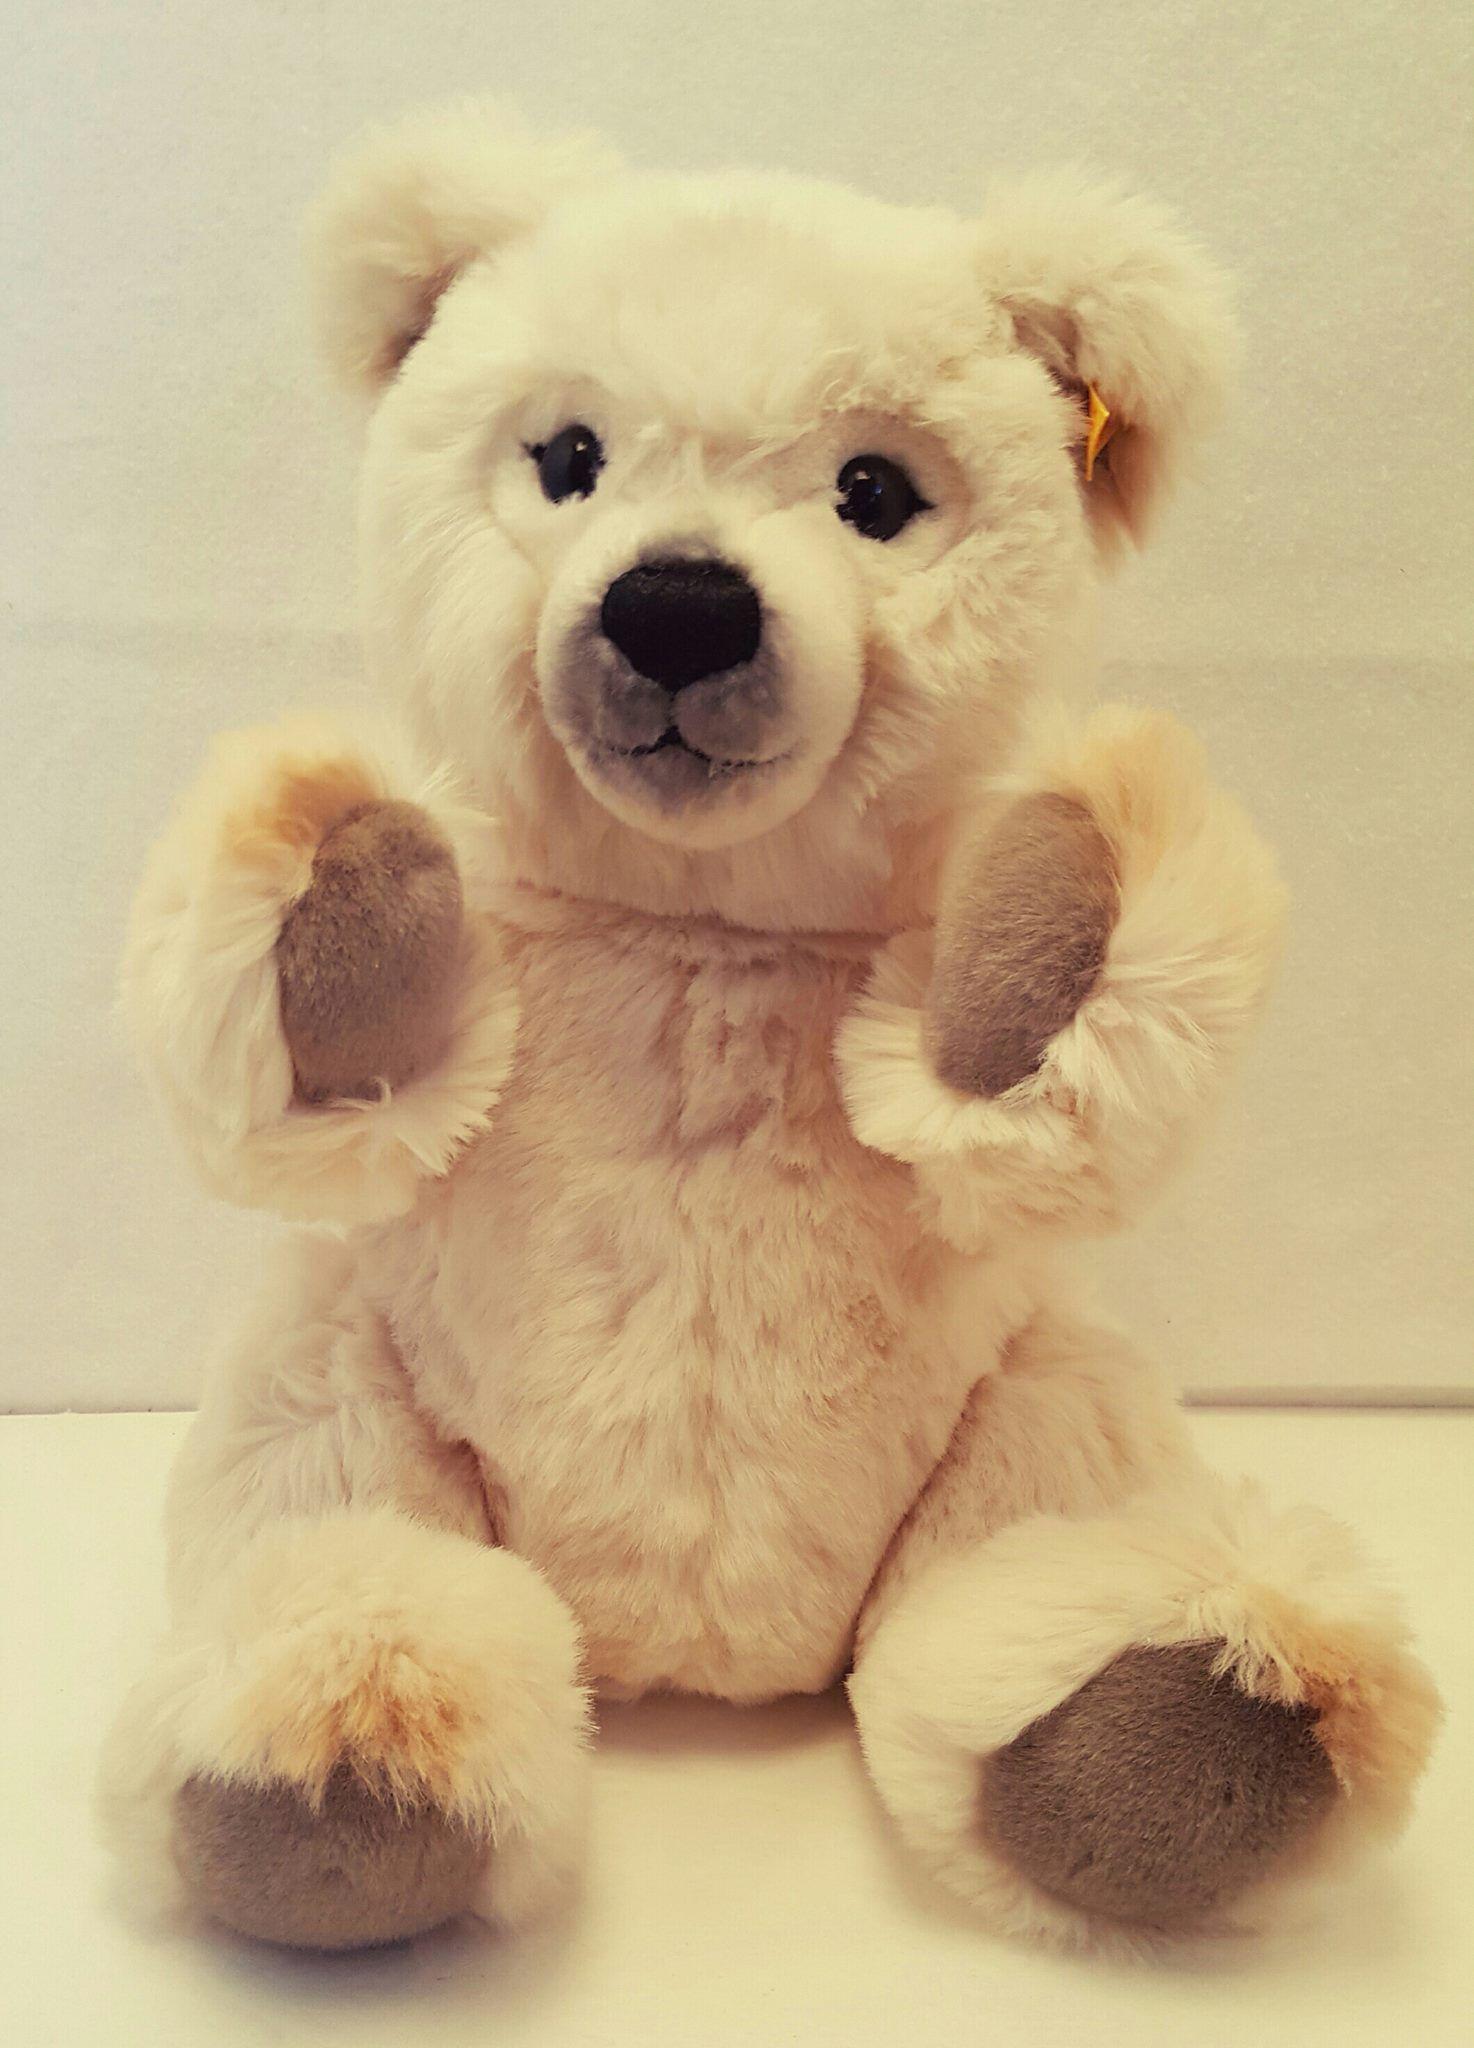 I sold it on ebay! Ebay, Teddy, Selling on ebay